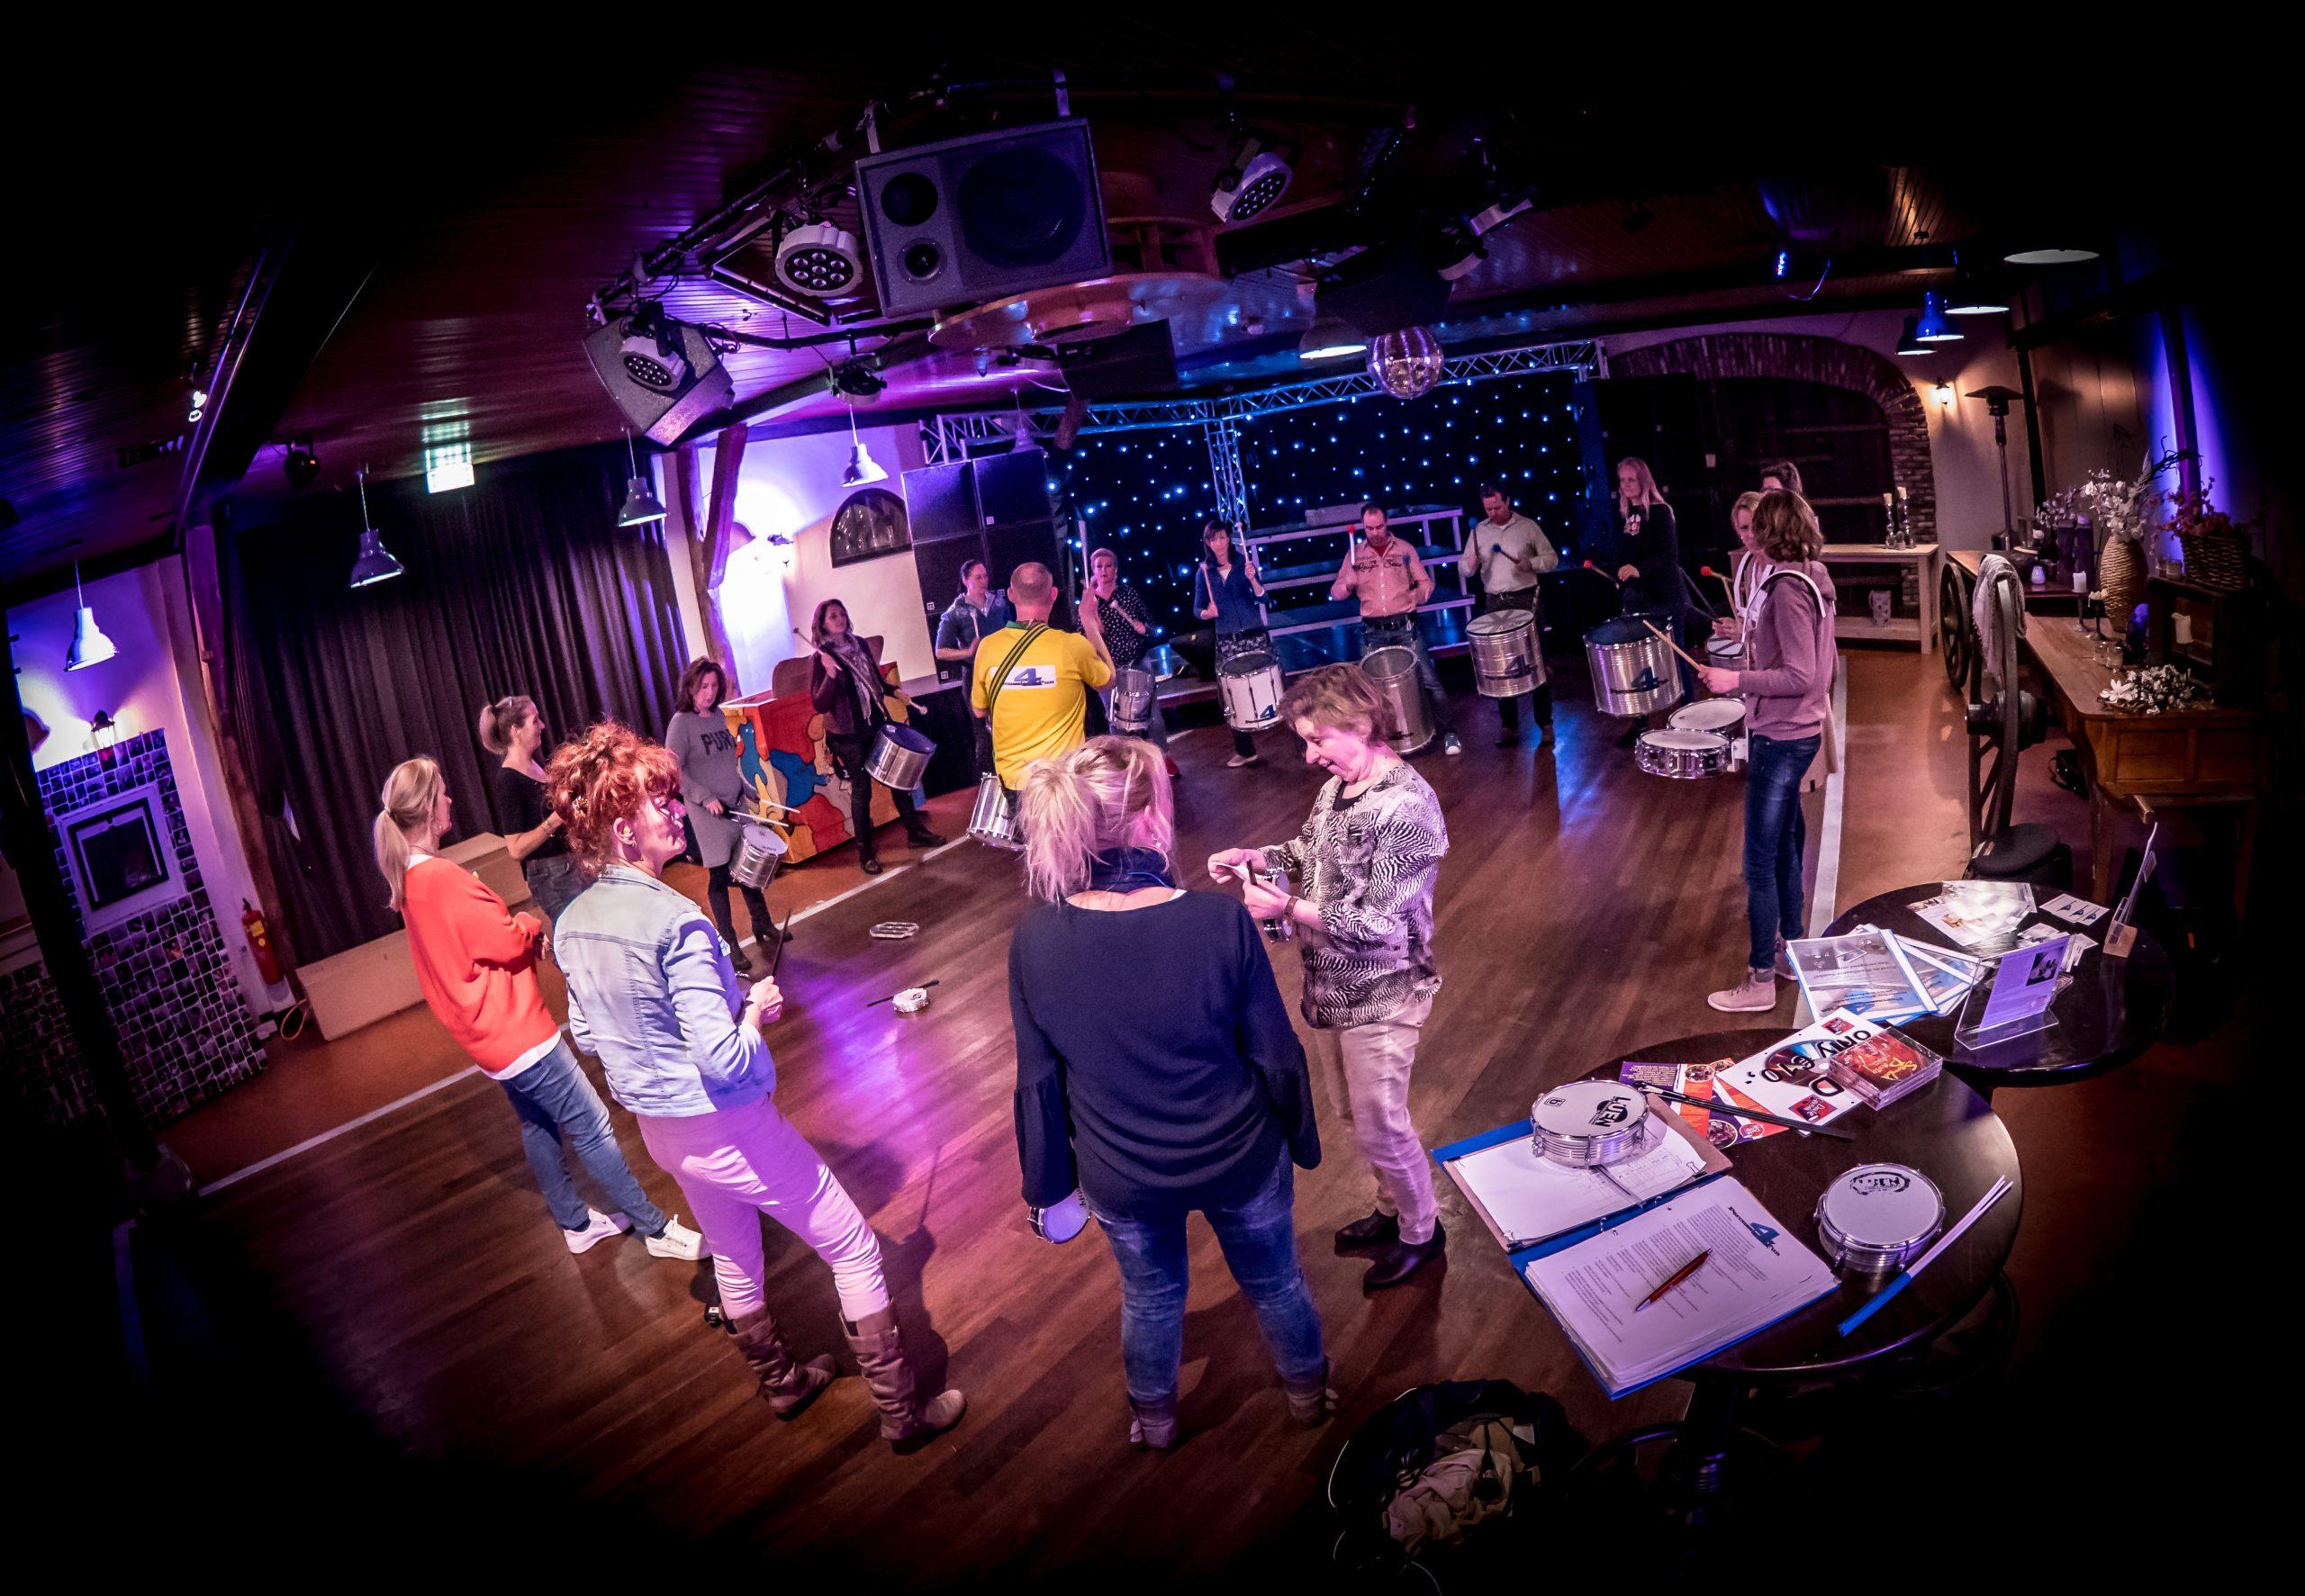 De percussie workshop in Geldrop is voor iedereen toegankelijk